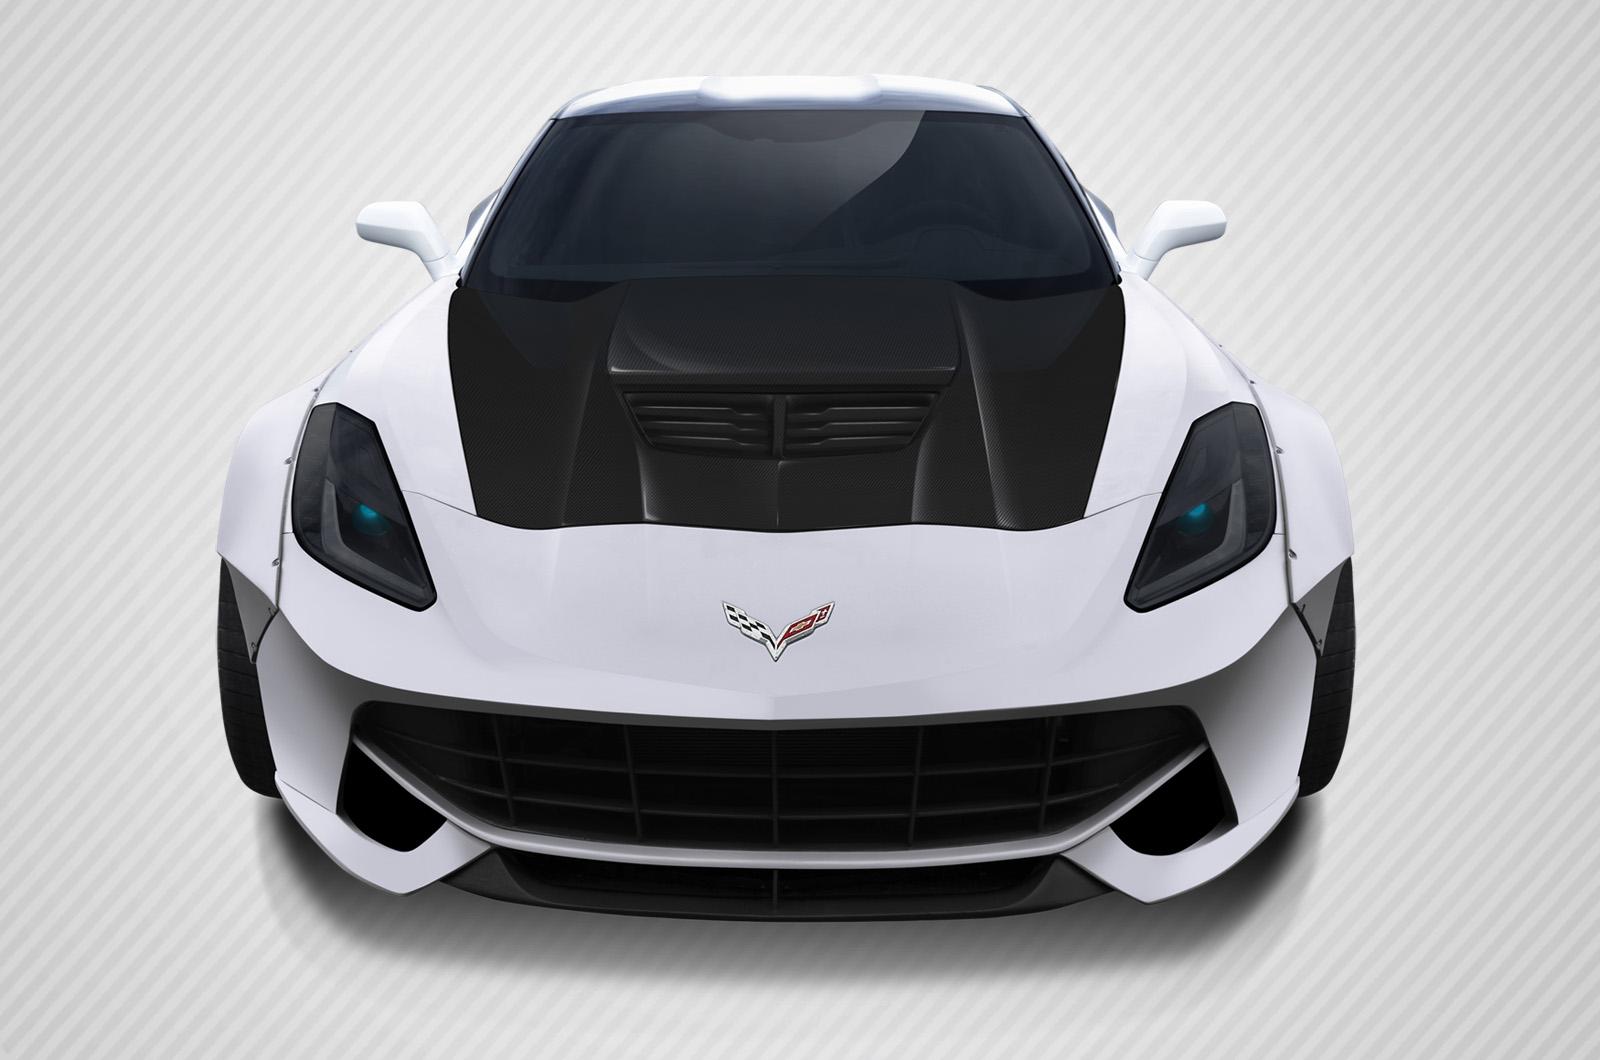 Hood Bodykit for 2016 Chevrolet Corvette ALL - Chevrolet Corvette Carbon Creations Z06 Look Hood- 1 Piece